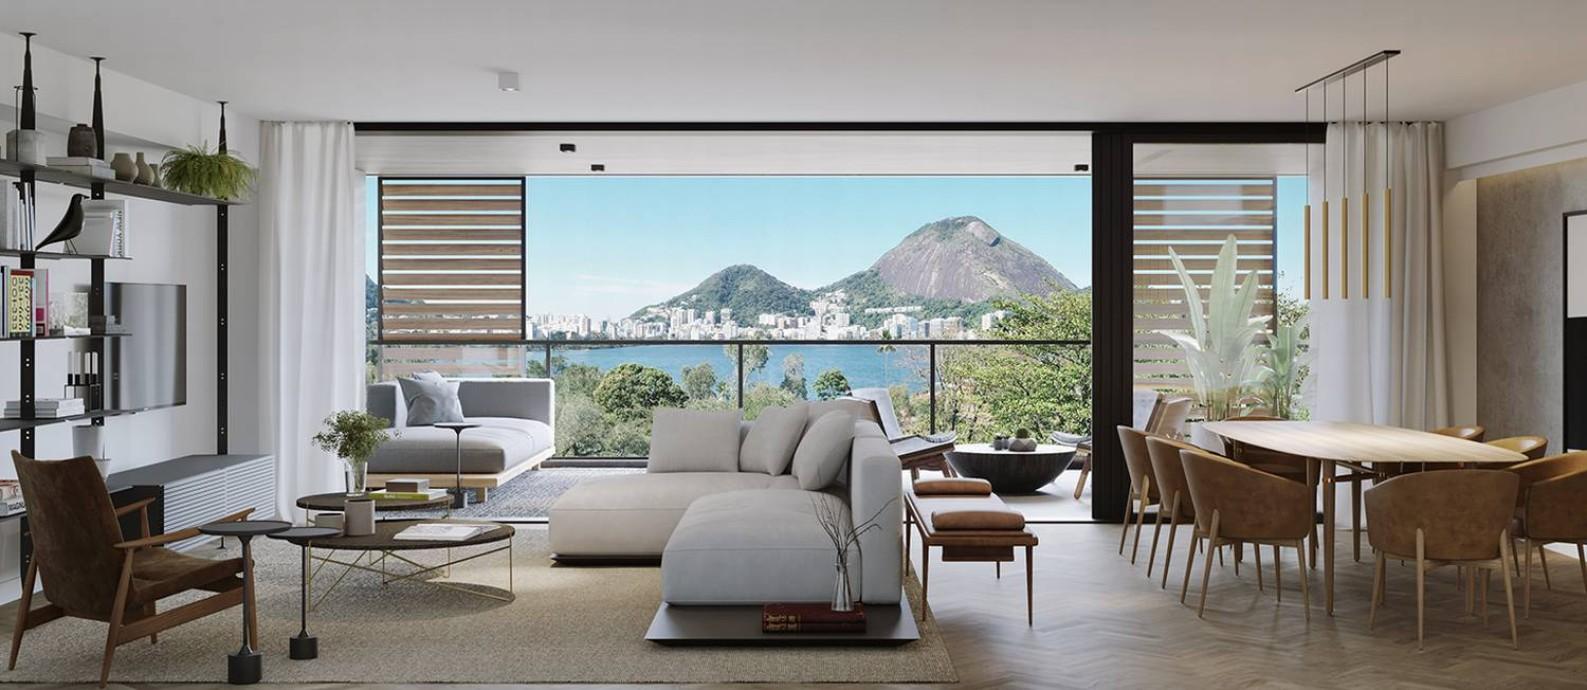 Todos os apartamentos do OKA Residence Lagoa são de frente para uma paisagem de tirar o fôlego Foto: Divulgação/RJZ Cyrela